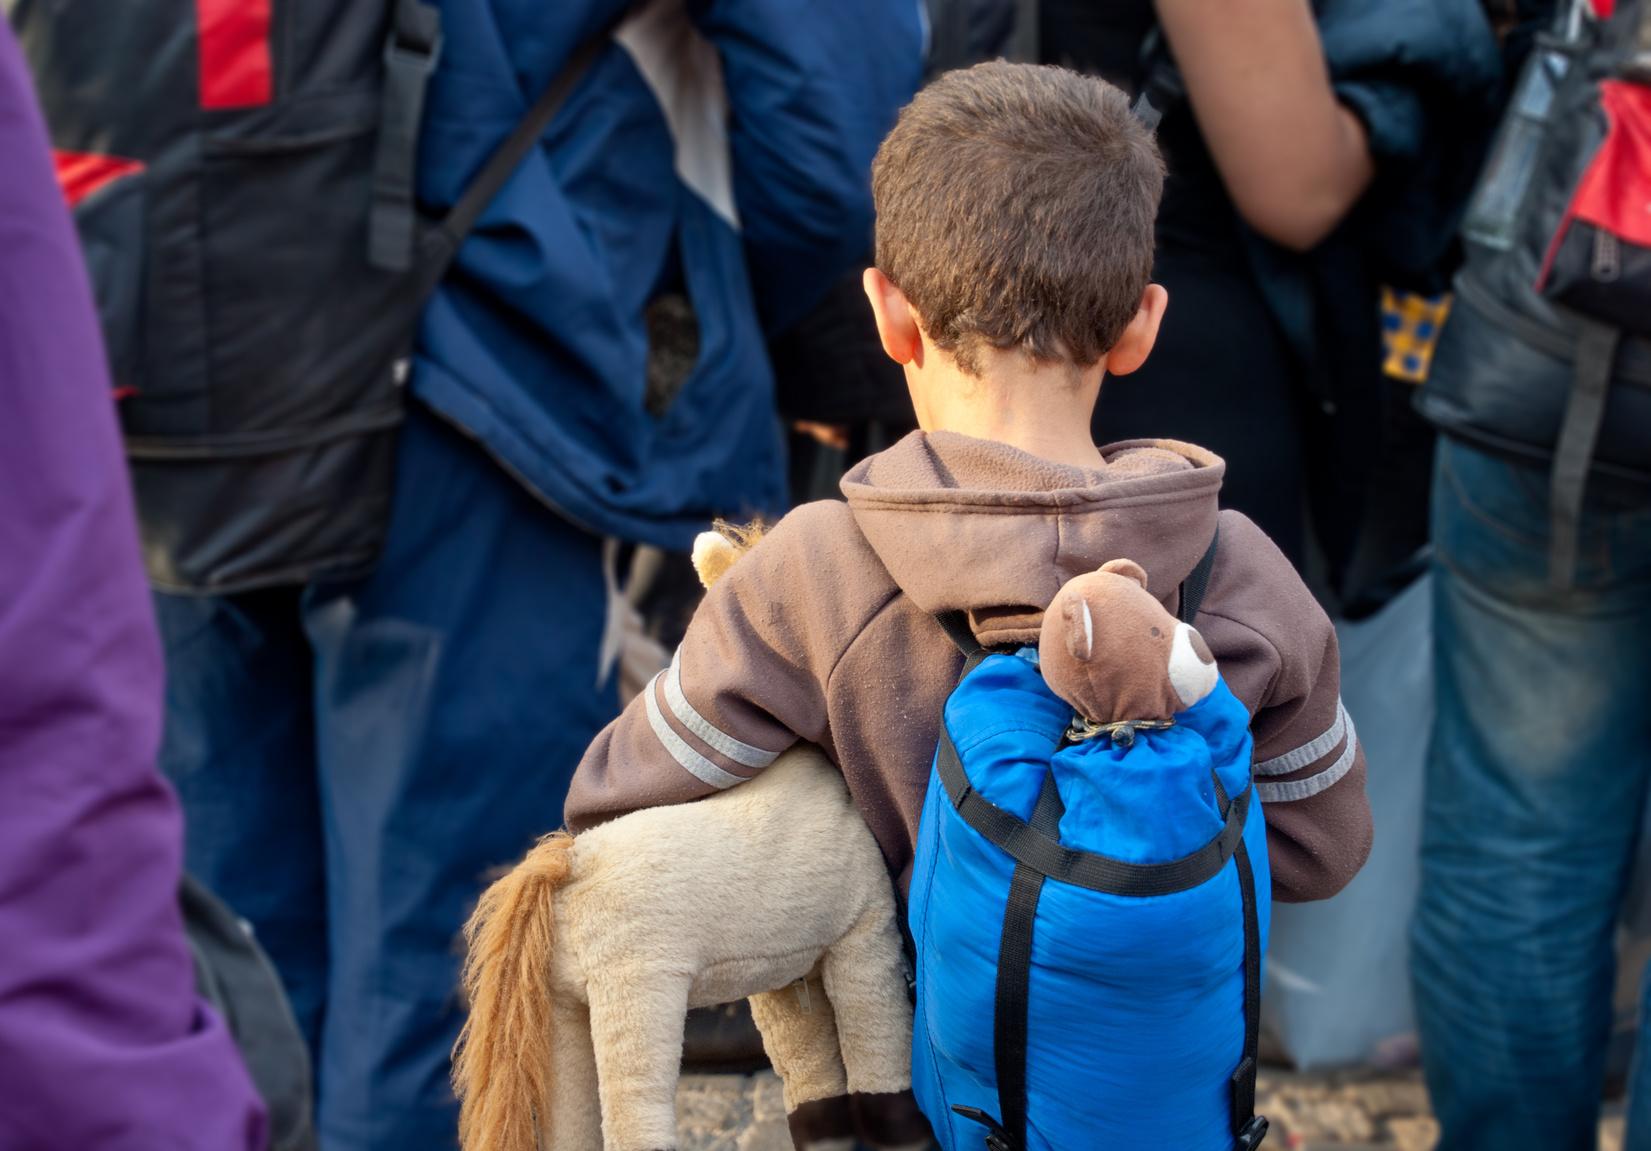 Immer mehr unbegleitete Flüchtlings-Kinder kommen nach Deutschland